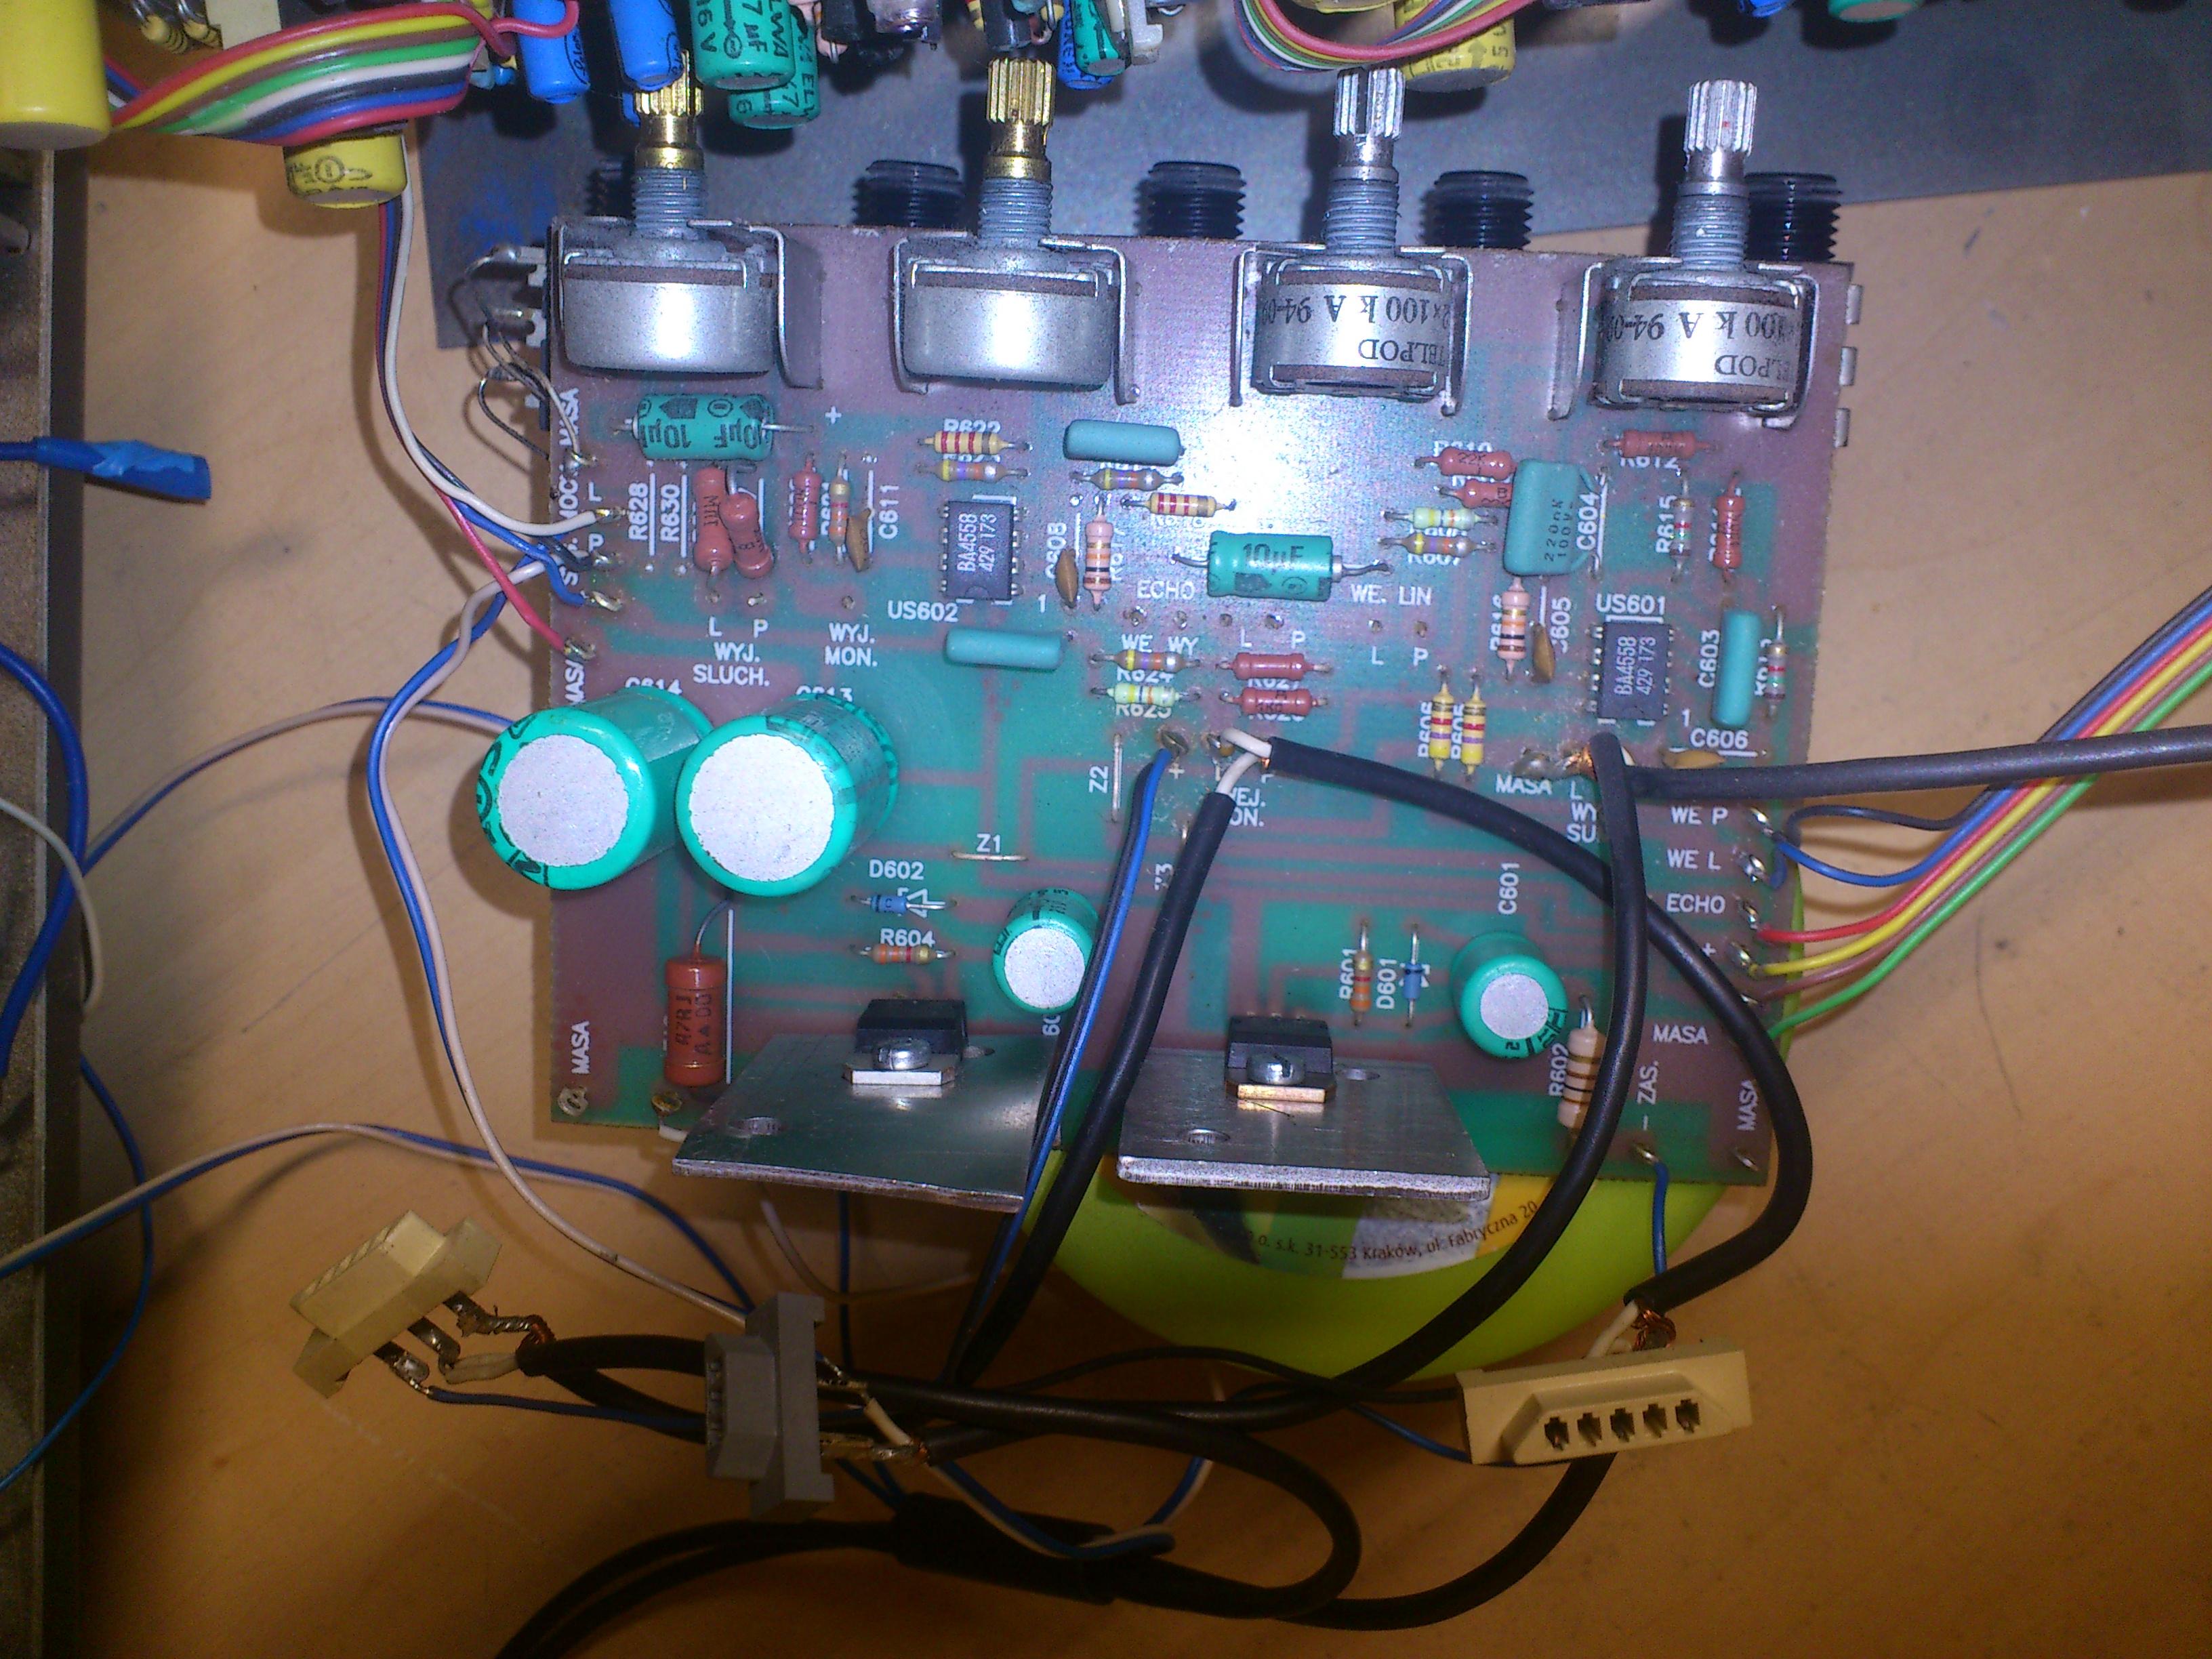 Gran E 2x150 - Przegrzewaj�cy si� tranzystor przedwzmacniacza